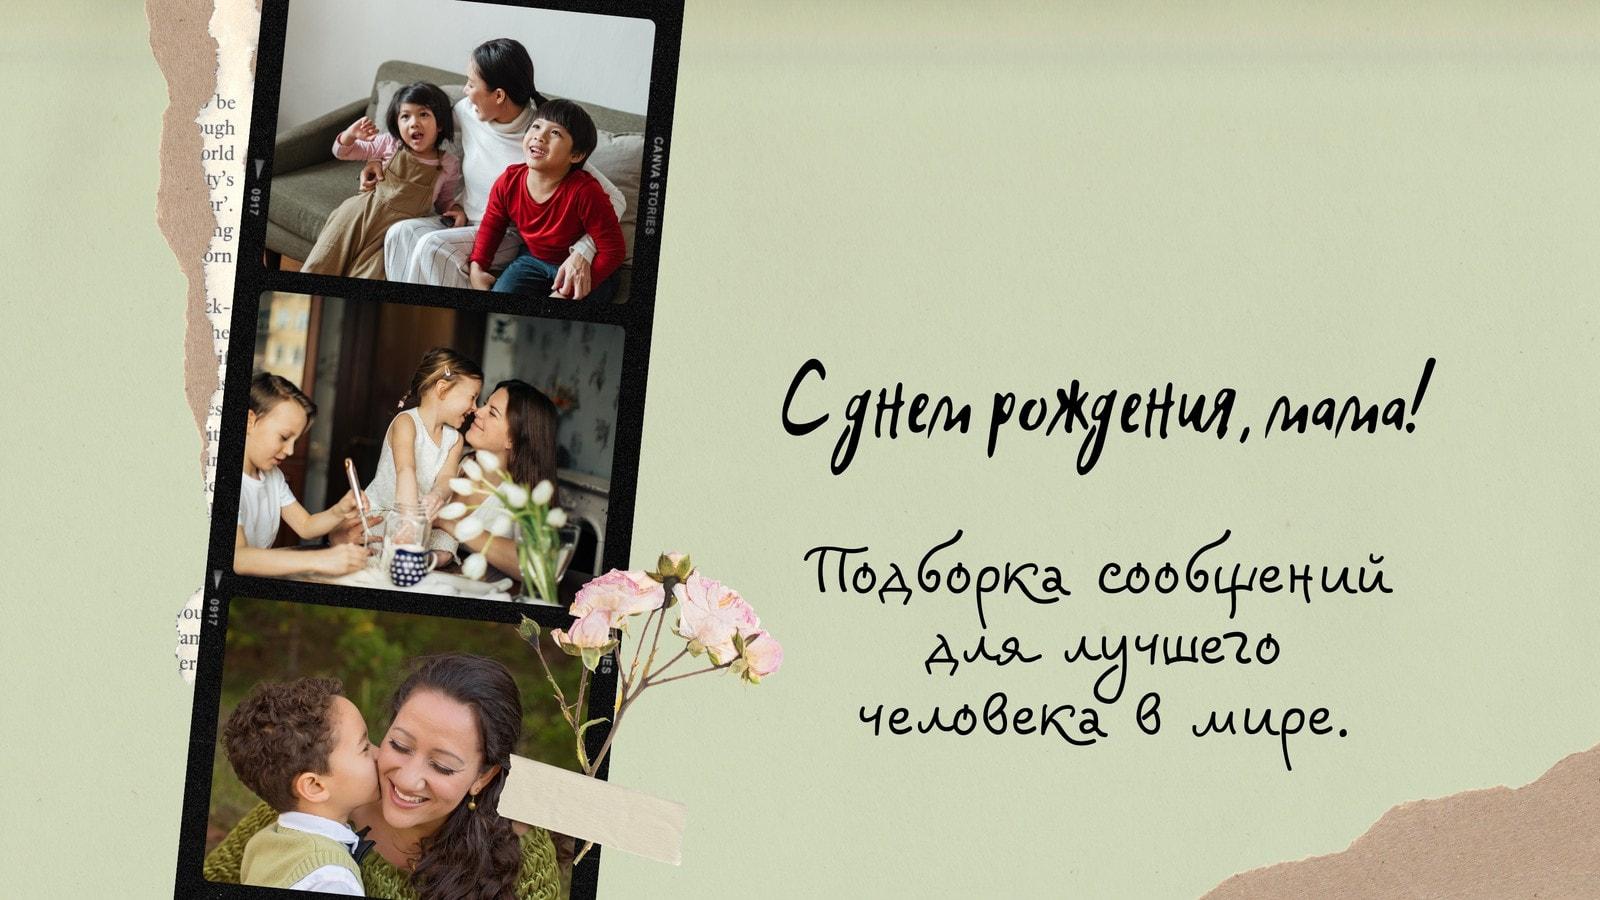 Зеленая и Кремовая День Рождения Мамы Мероприятия и Особый Интерес Презентация